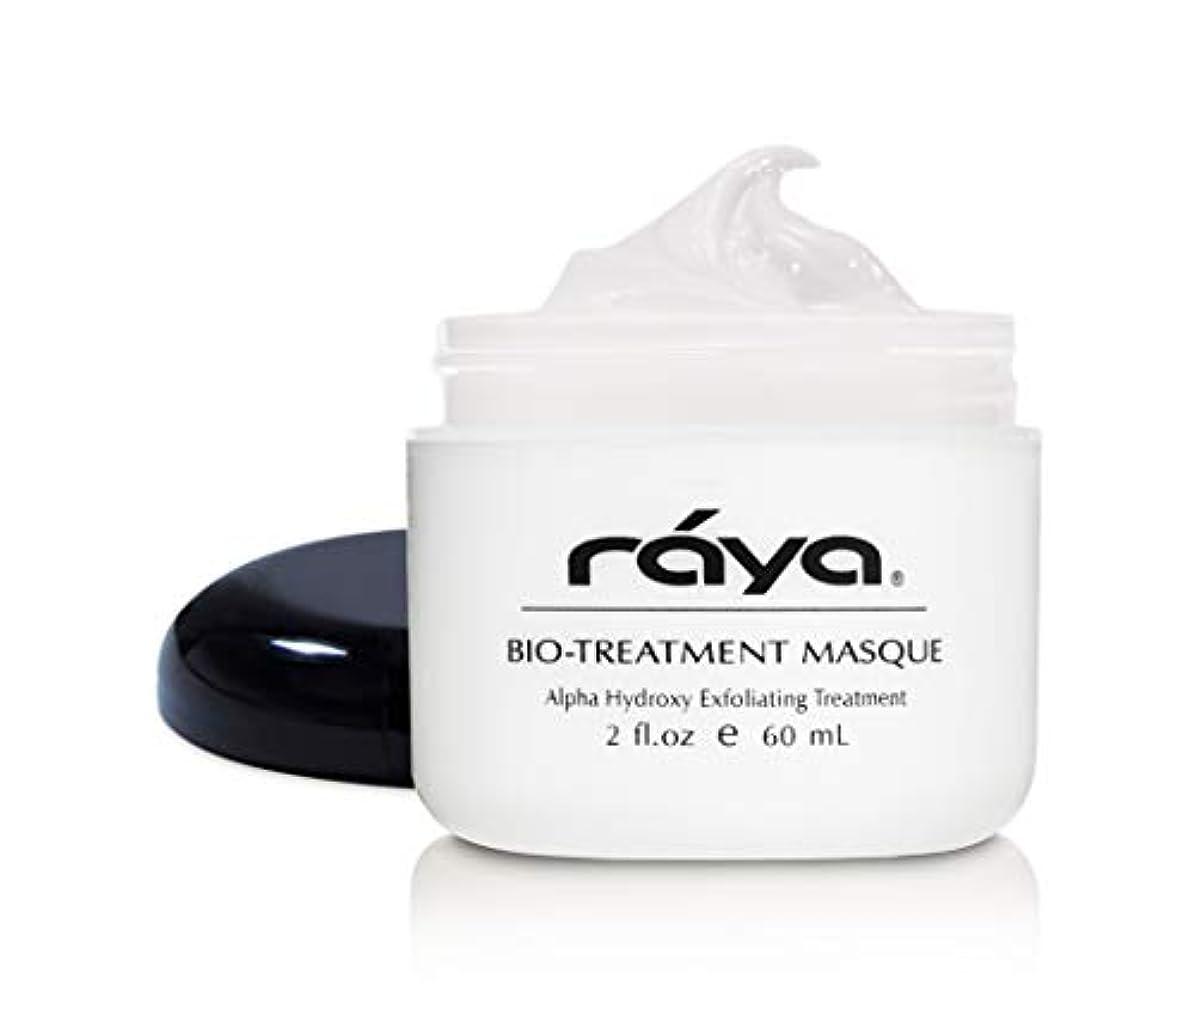 正確な不適気を散らすRaya AHA(G-712)を有するバイオ治療仮面 オイリーとブレイクアウト肌用フェイシャルマスクを剥離   ドライアップシミやコントロールオイルネスを支援ヒドロキシ酸で作られました 2 fl-oz